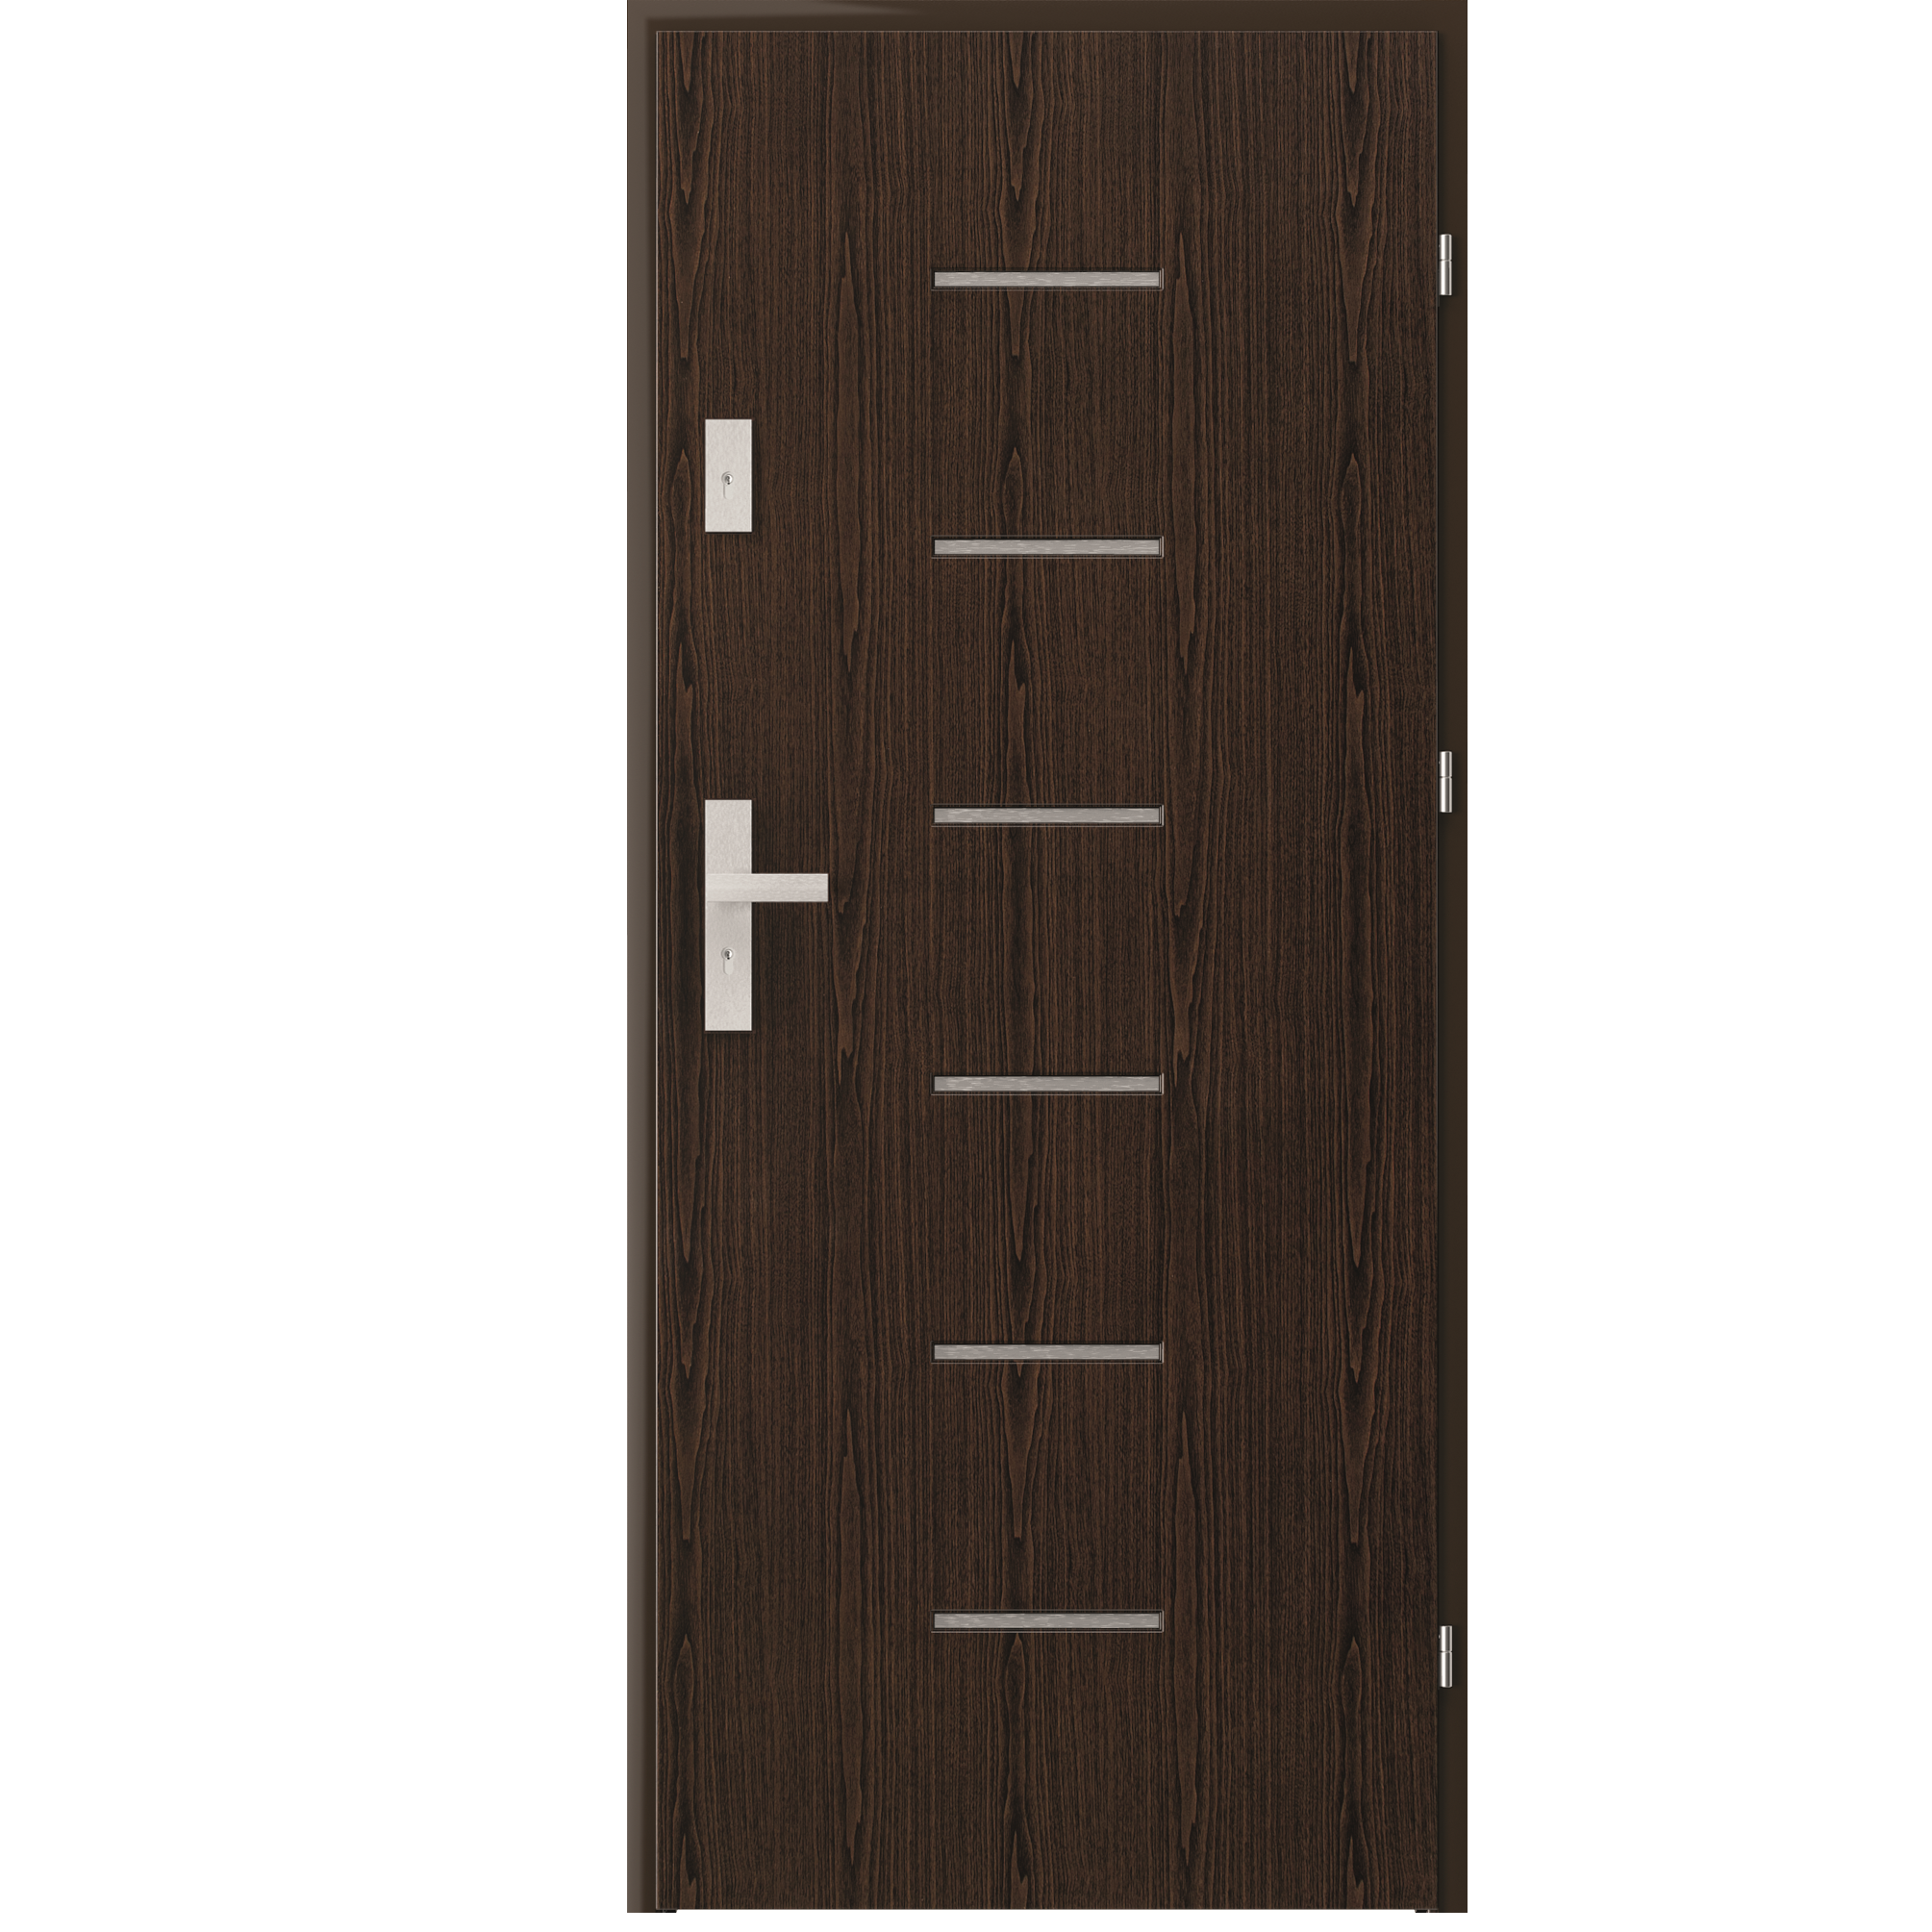 office entrance doors. Categories: Doors, Entrance PORTA Office Doors